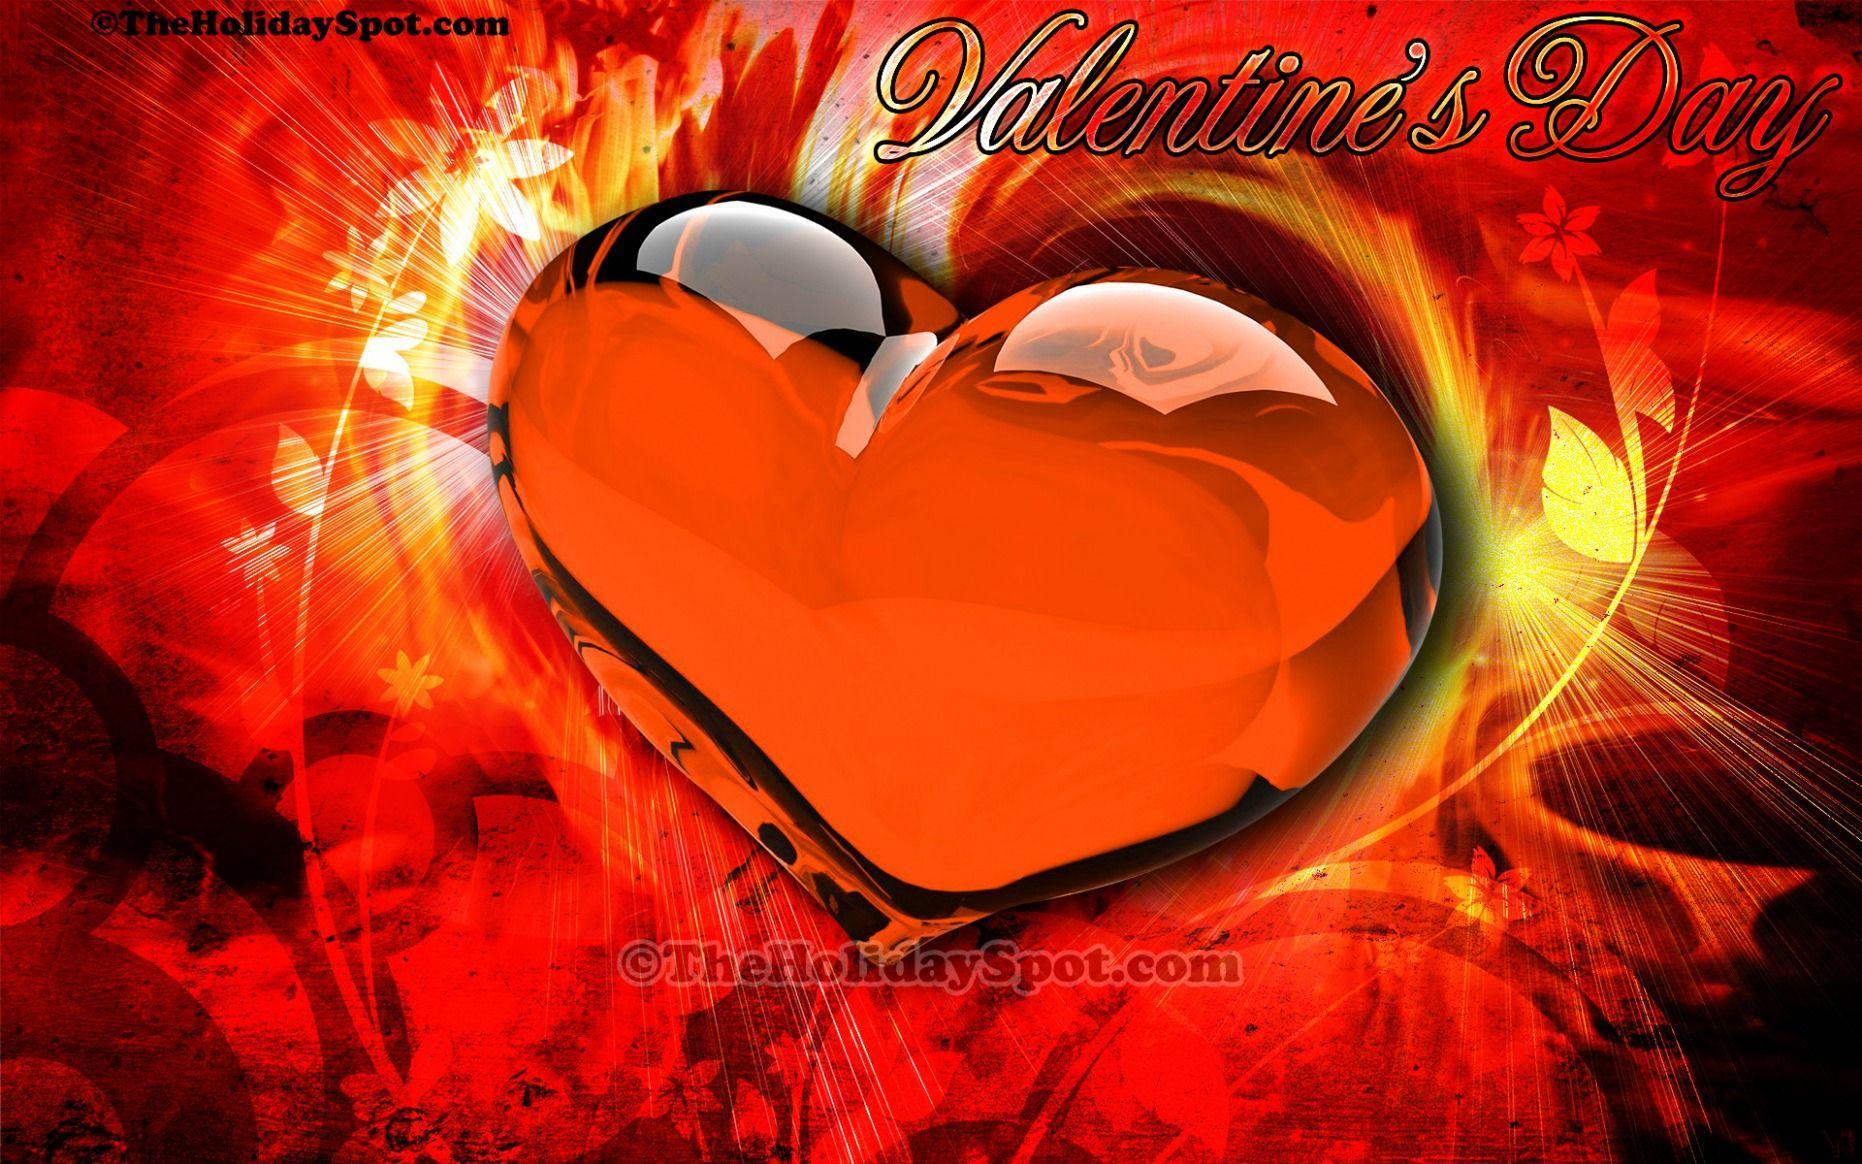 1862x1164 Hoạt hình 12 Hình nền 12K Tình yêu.  Hình nền 12K miễn phí - Hình nền tình yêu